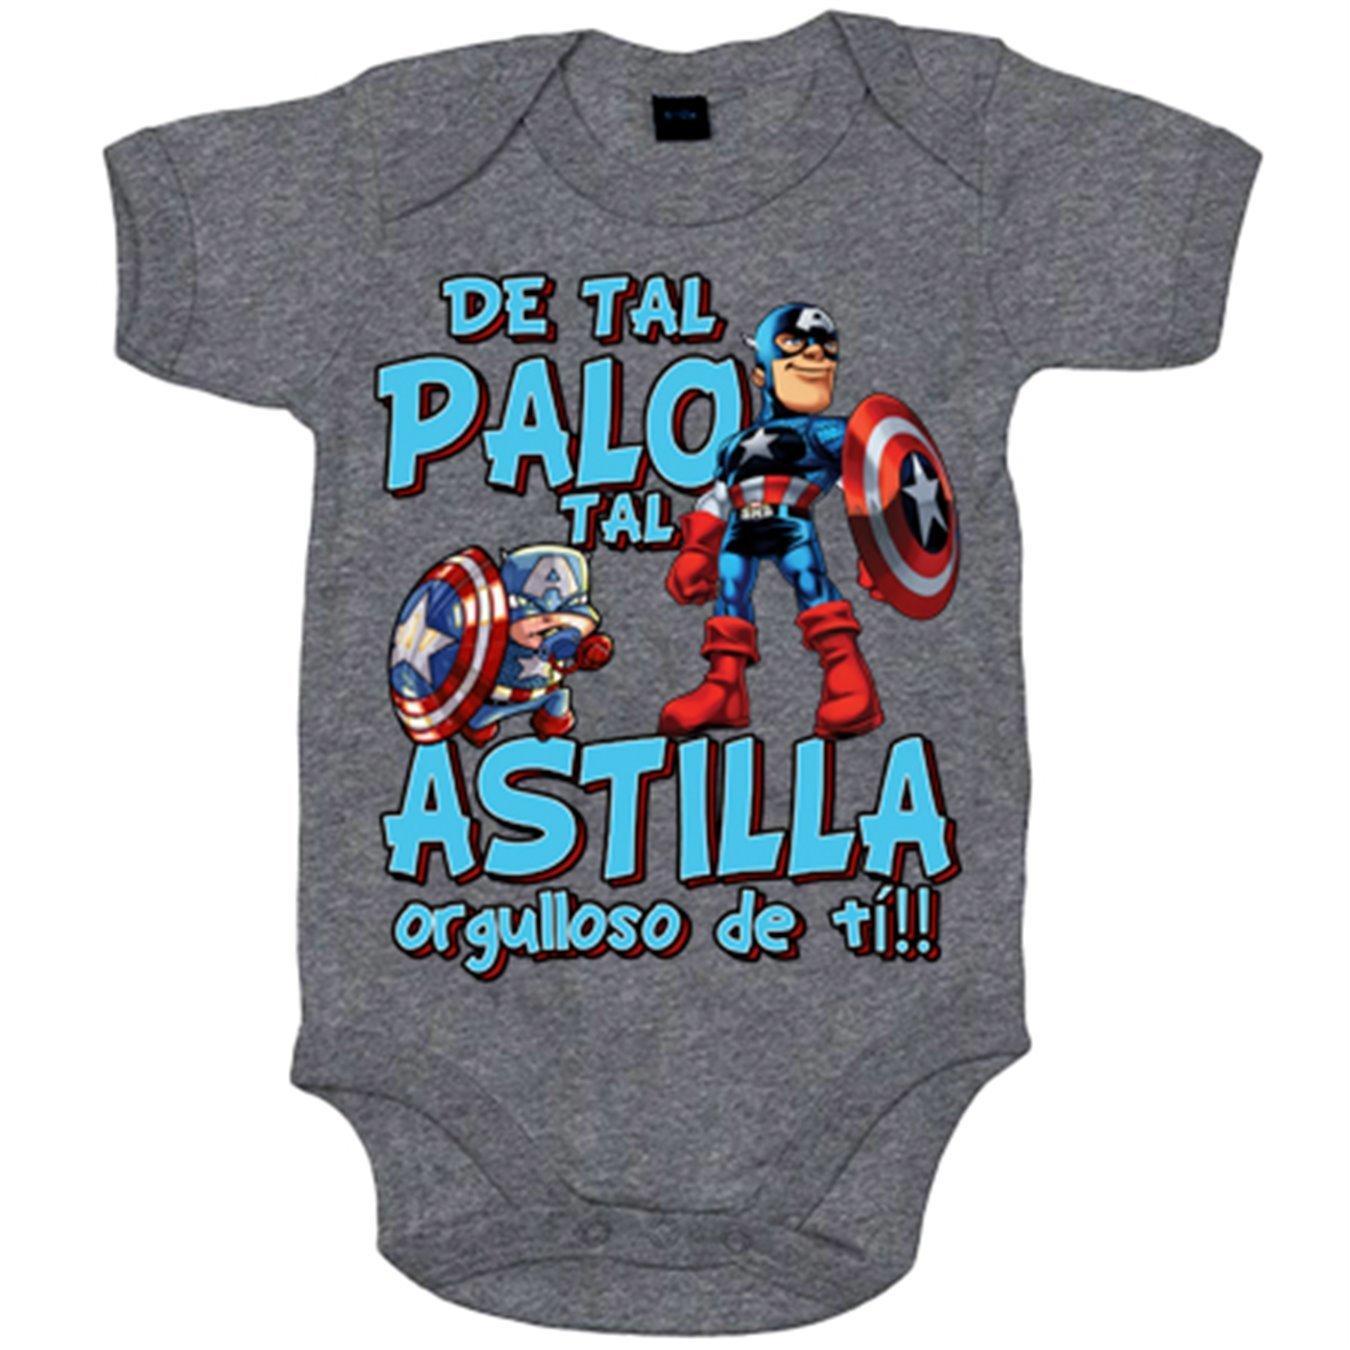 Body bebé Capitán América de tal palo tal astilla orgulloso de ti - Azul Royal, 6-12 meses: Amazon.es: Bebé